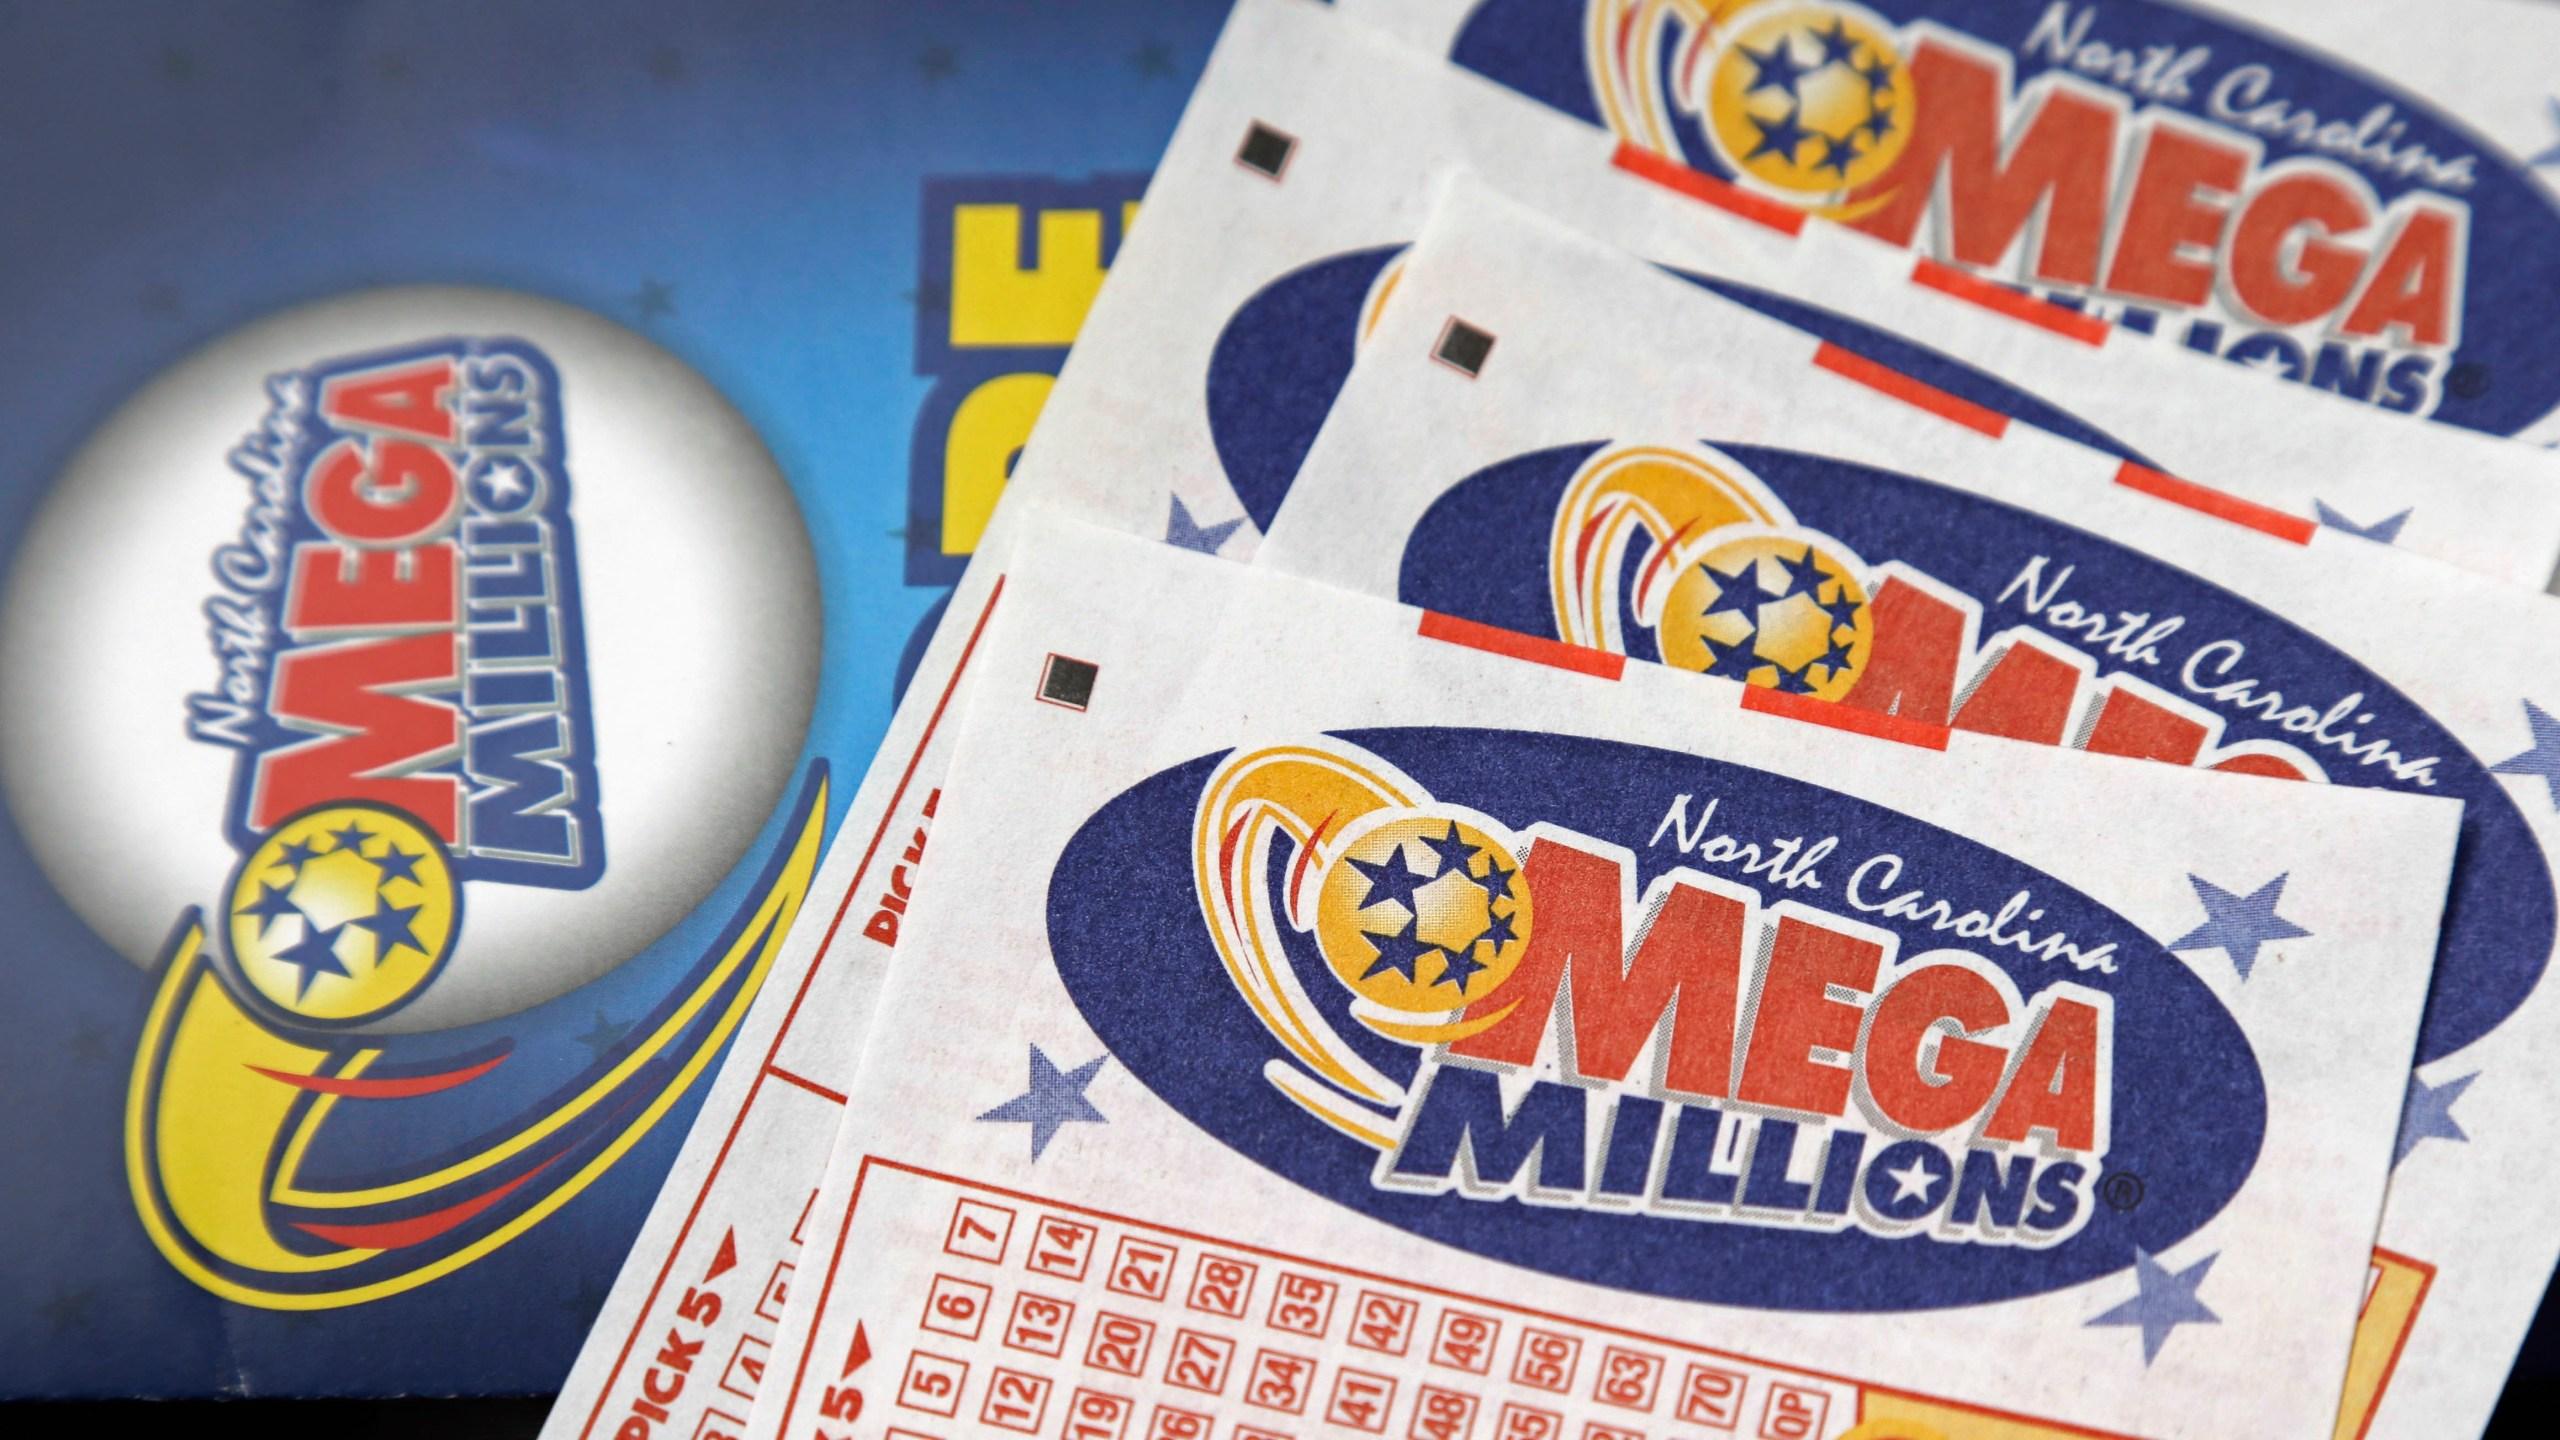 Mega_Millions_Jackpot_98313-159532-159532.jpg74254255